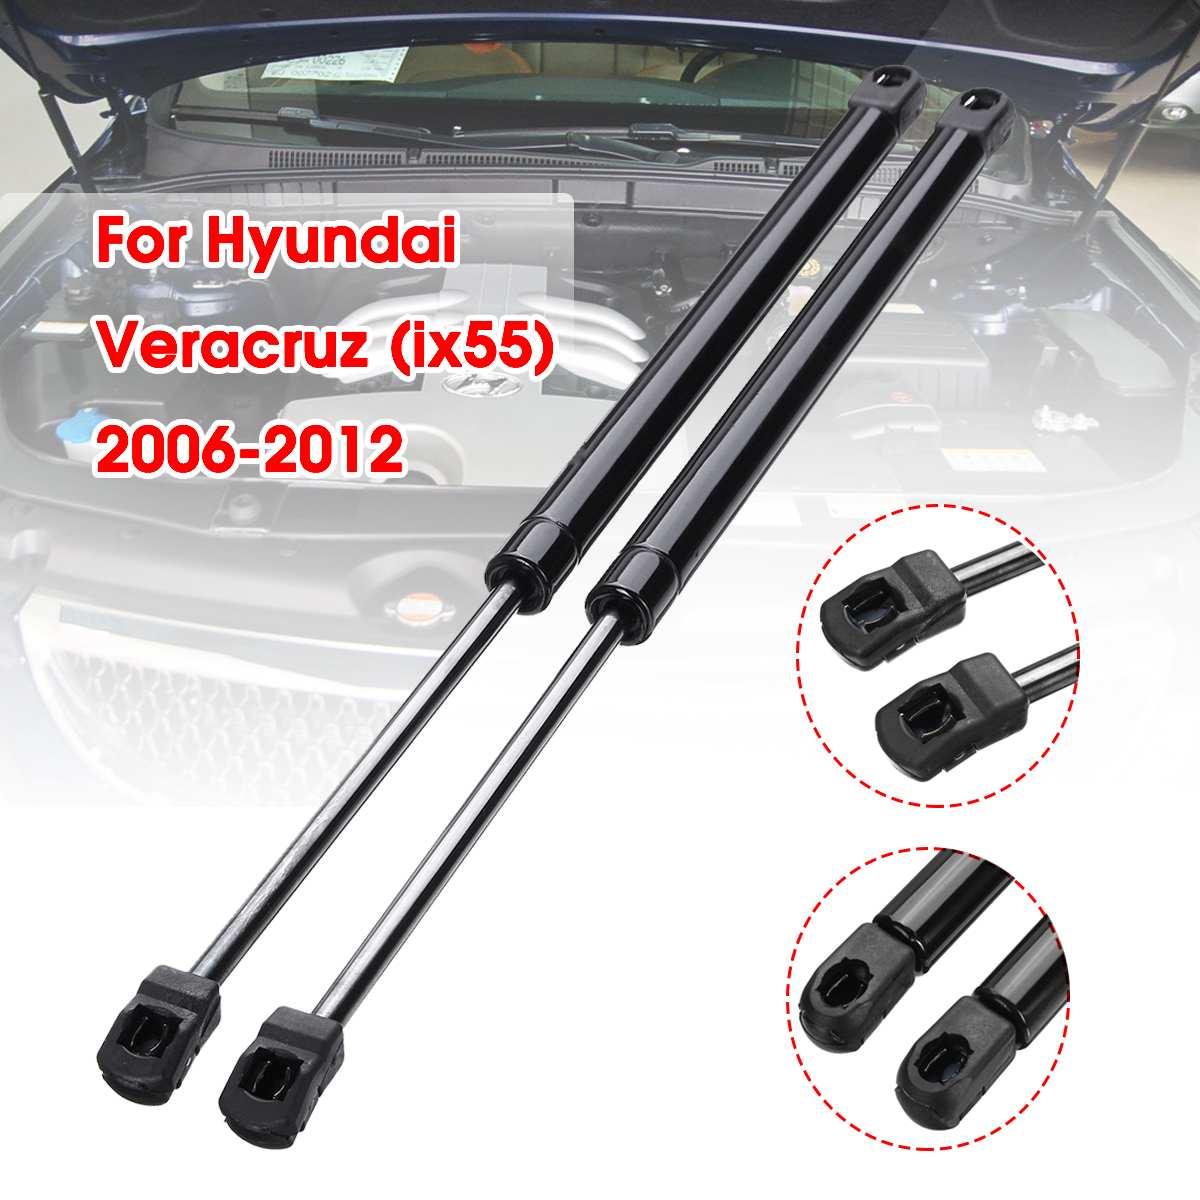 รถด้านหน้า Bonnet Hood ปรับเปลี่ยนแก๊ส Struts Lift Shock Damper บาร์สำหรับ Hyundai Veracruz ix55 2006-2012